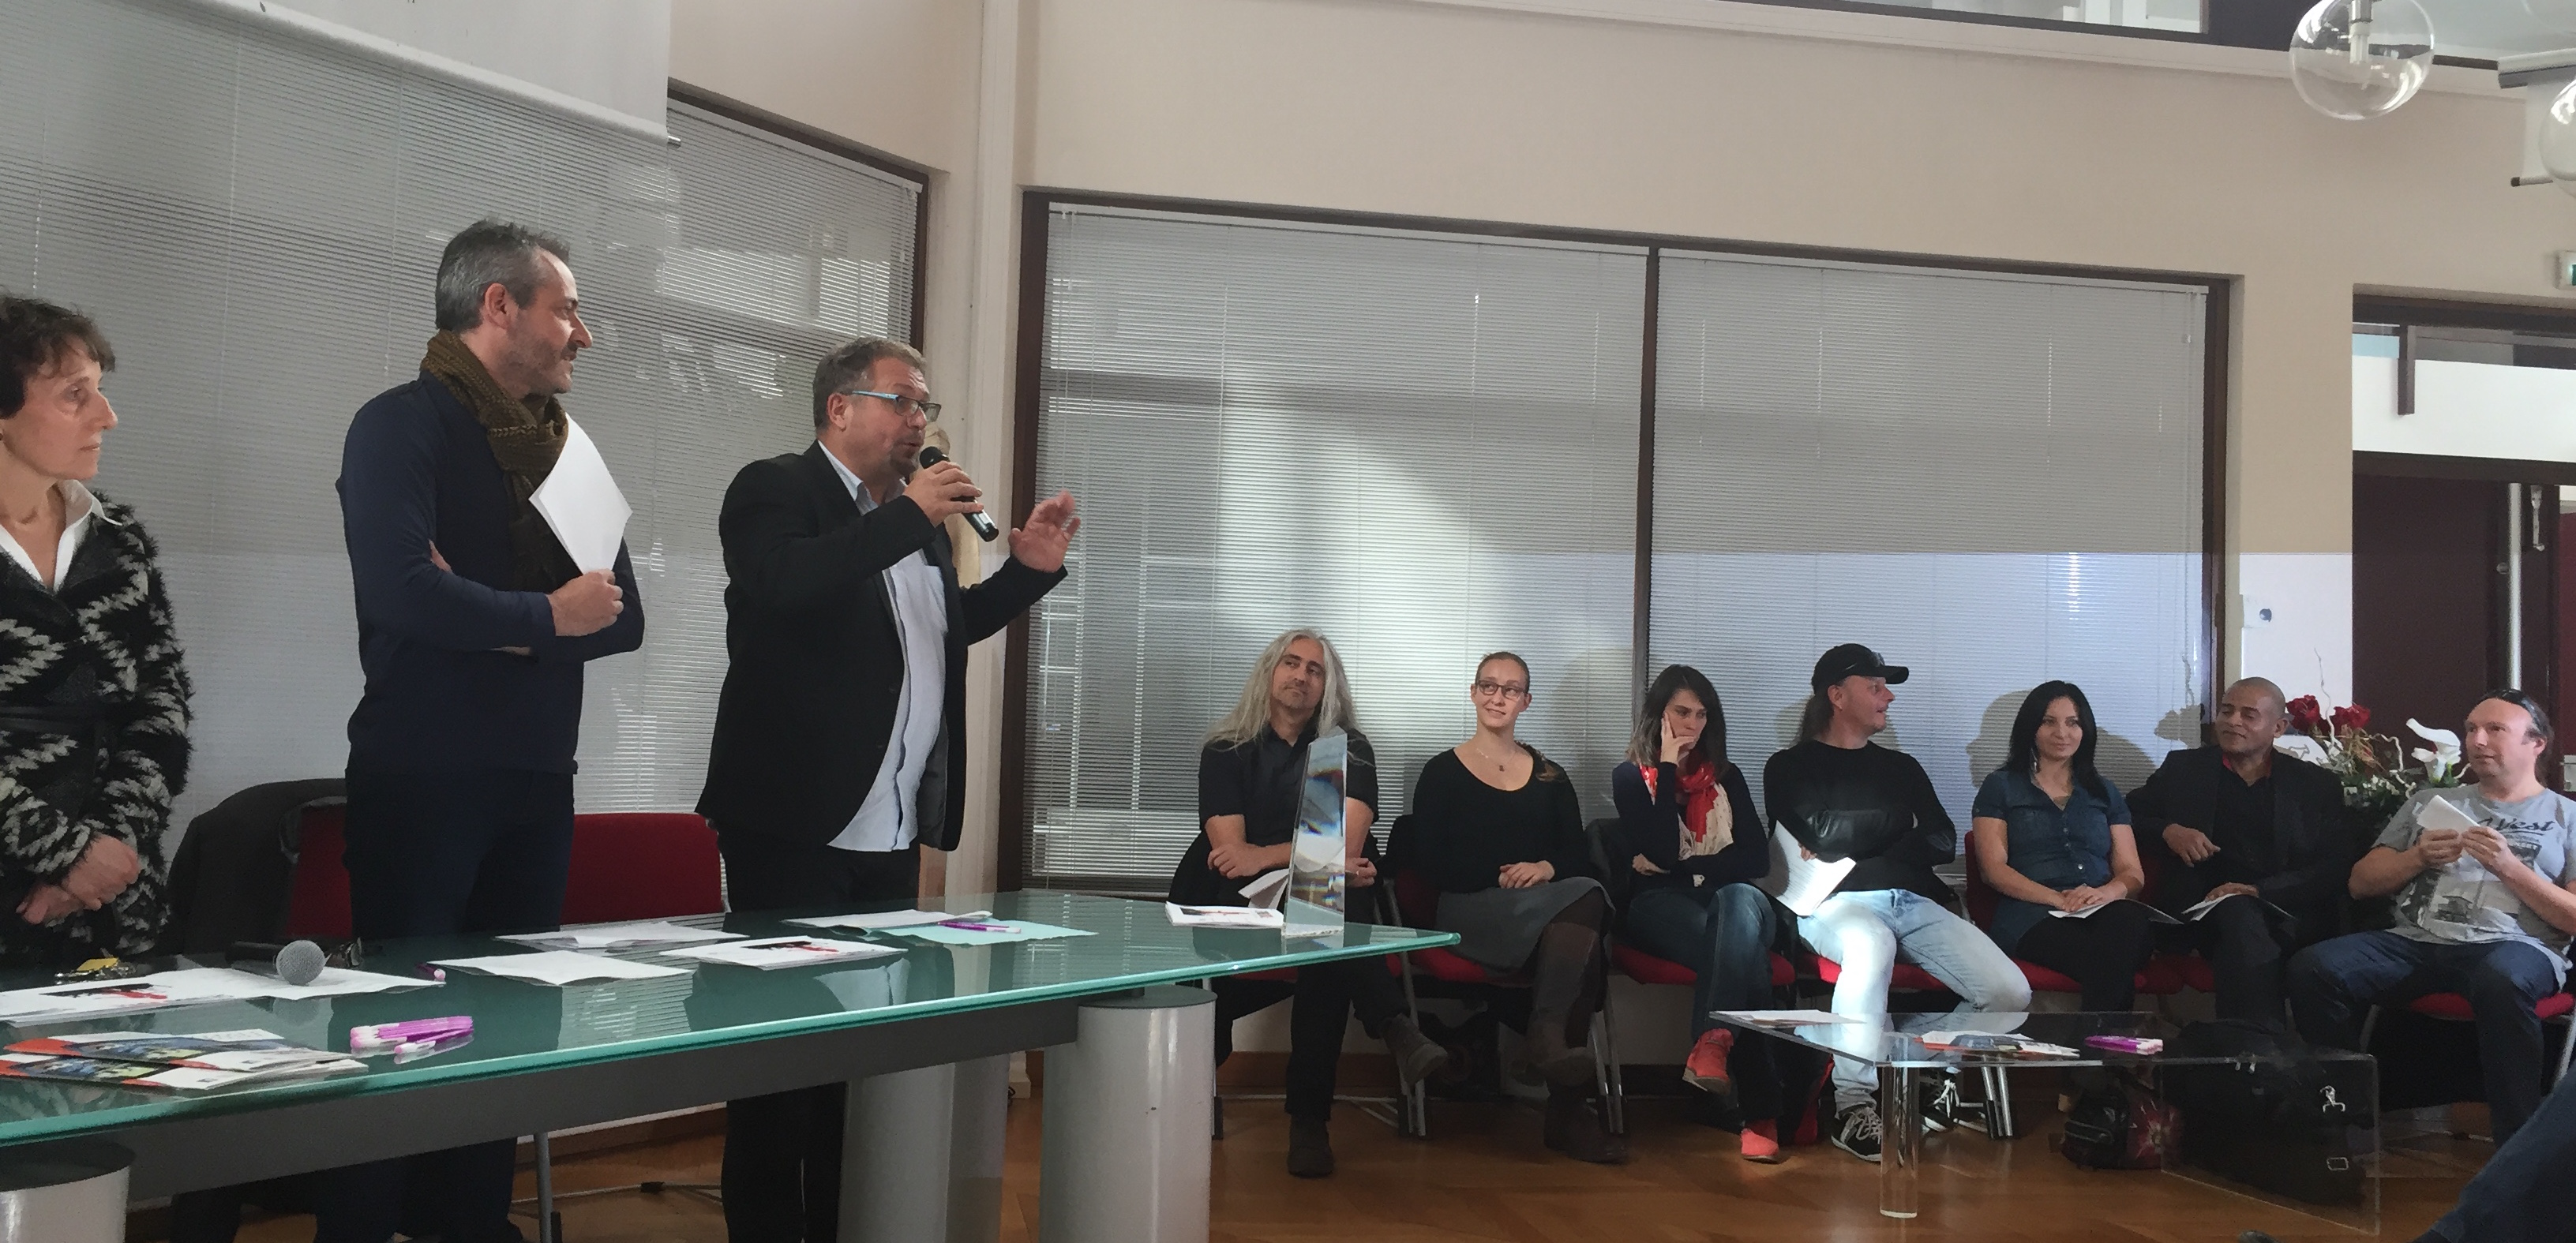 lancement officiel Seynod Voice 2016 - Pierre Tomasi au micro